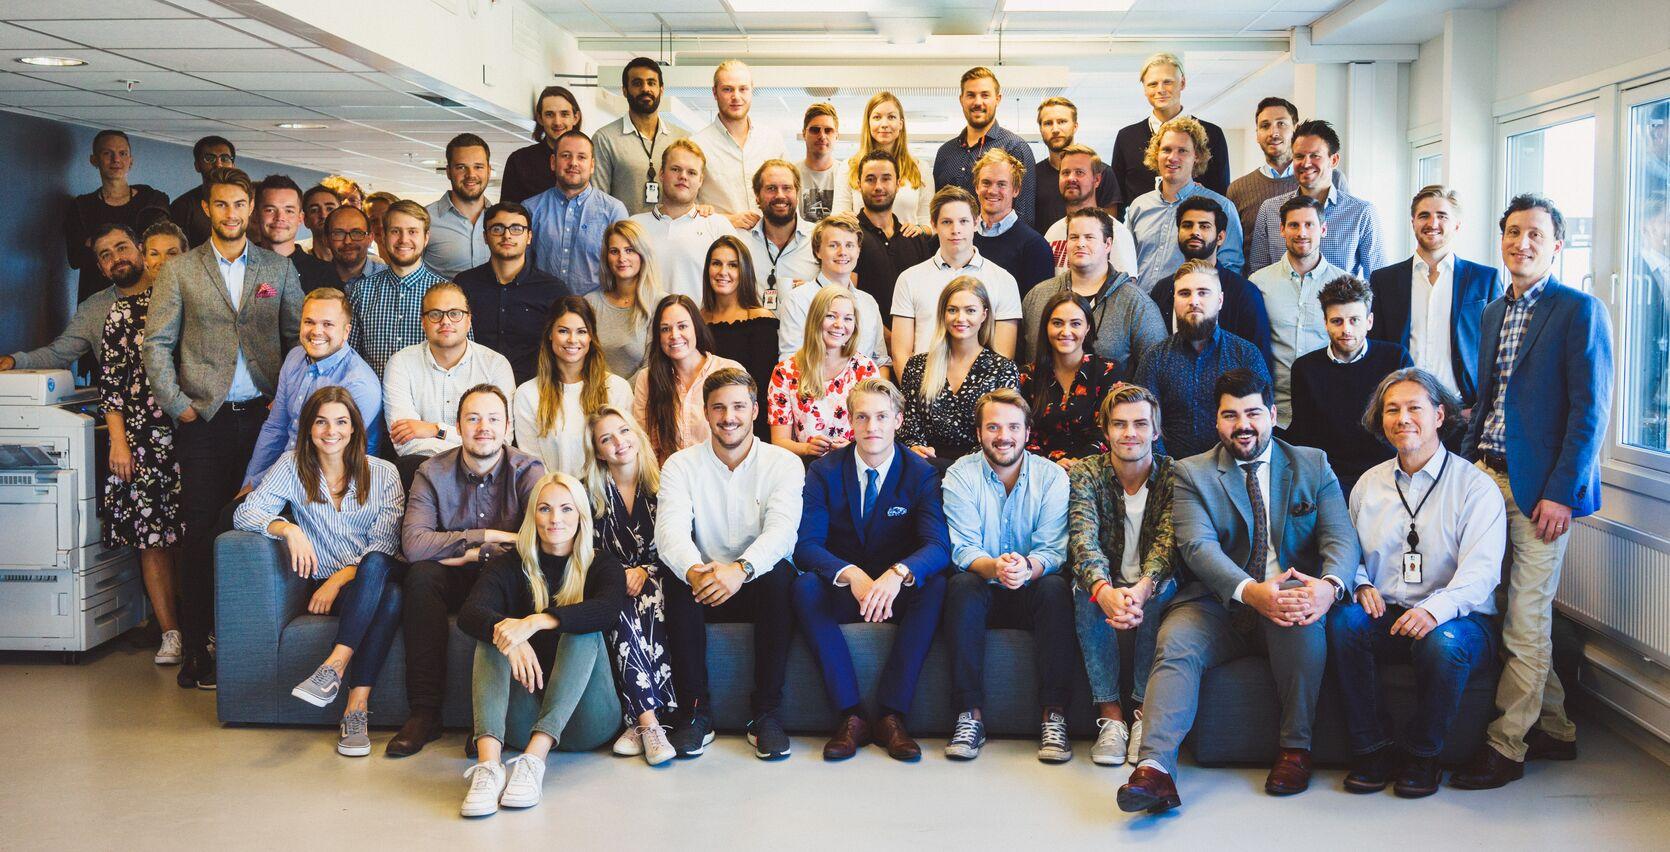 Gruppebilde av de ansatte i Schibsted Norge SMB